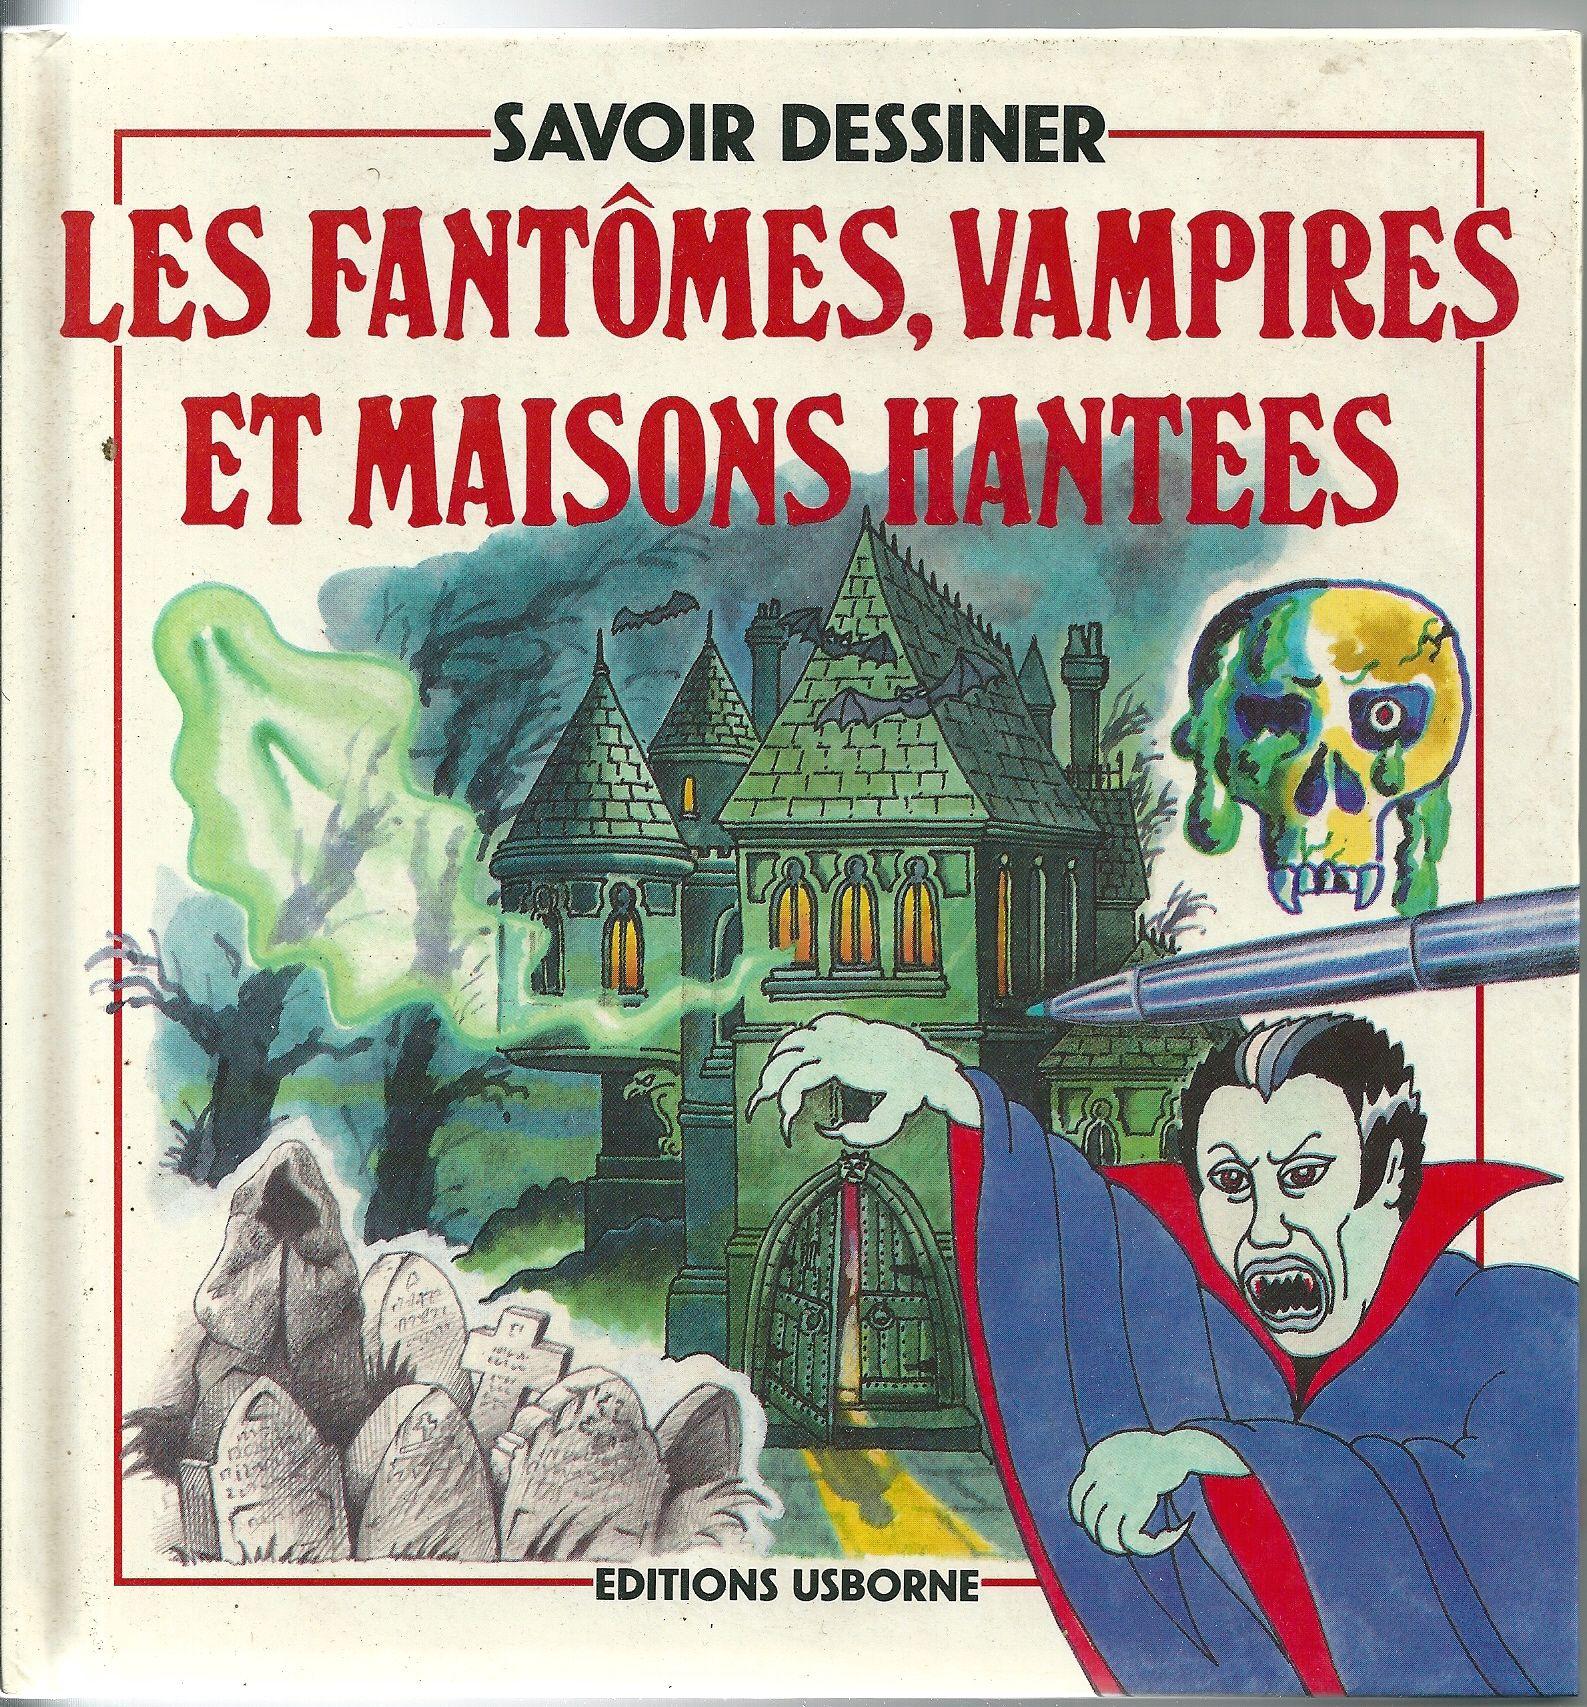 Savoir dessiner les fantômes, vampires et maisons hantées